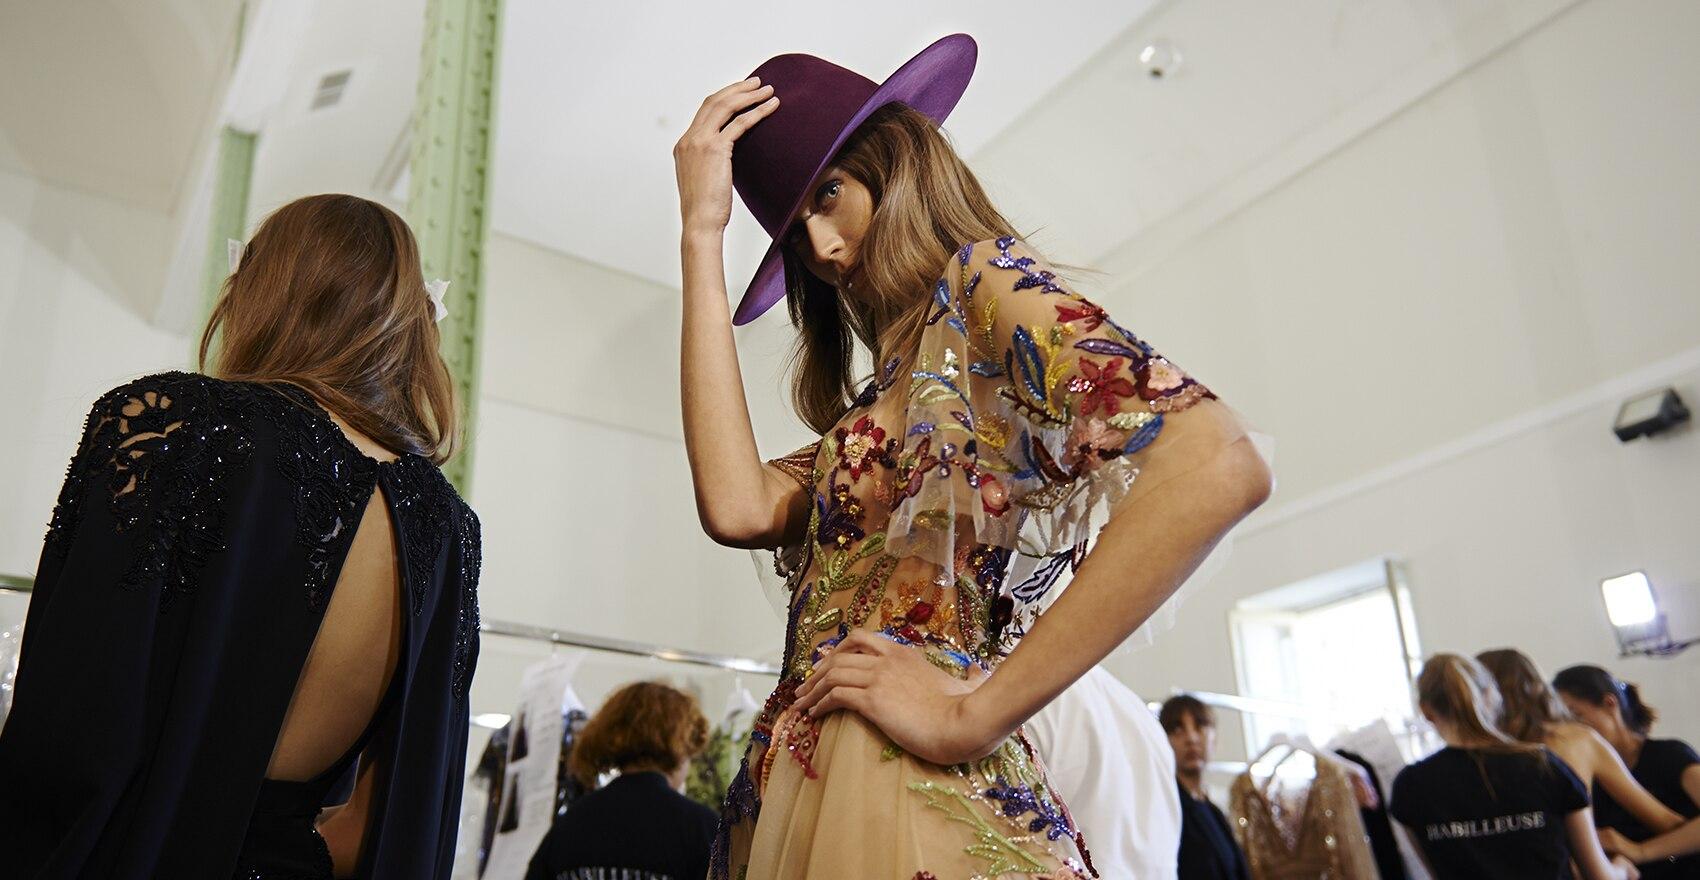 Zákulisí Podzim-Zima 2016 haute couture kolekce Zuhaira Murada na Týdnu módy v Paříži pro styl účesu | René Furterer